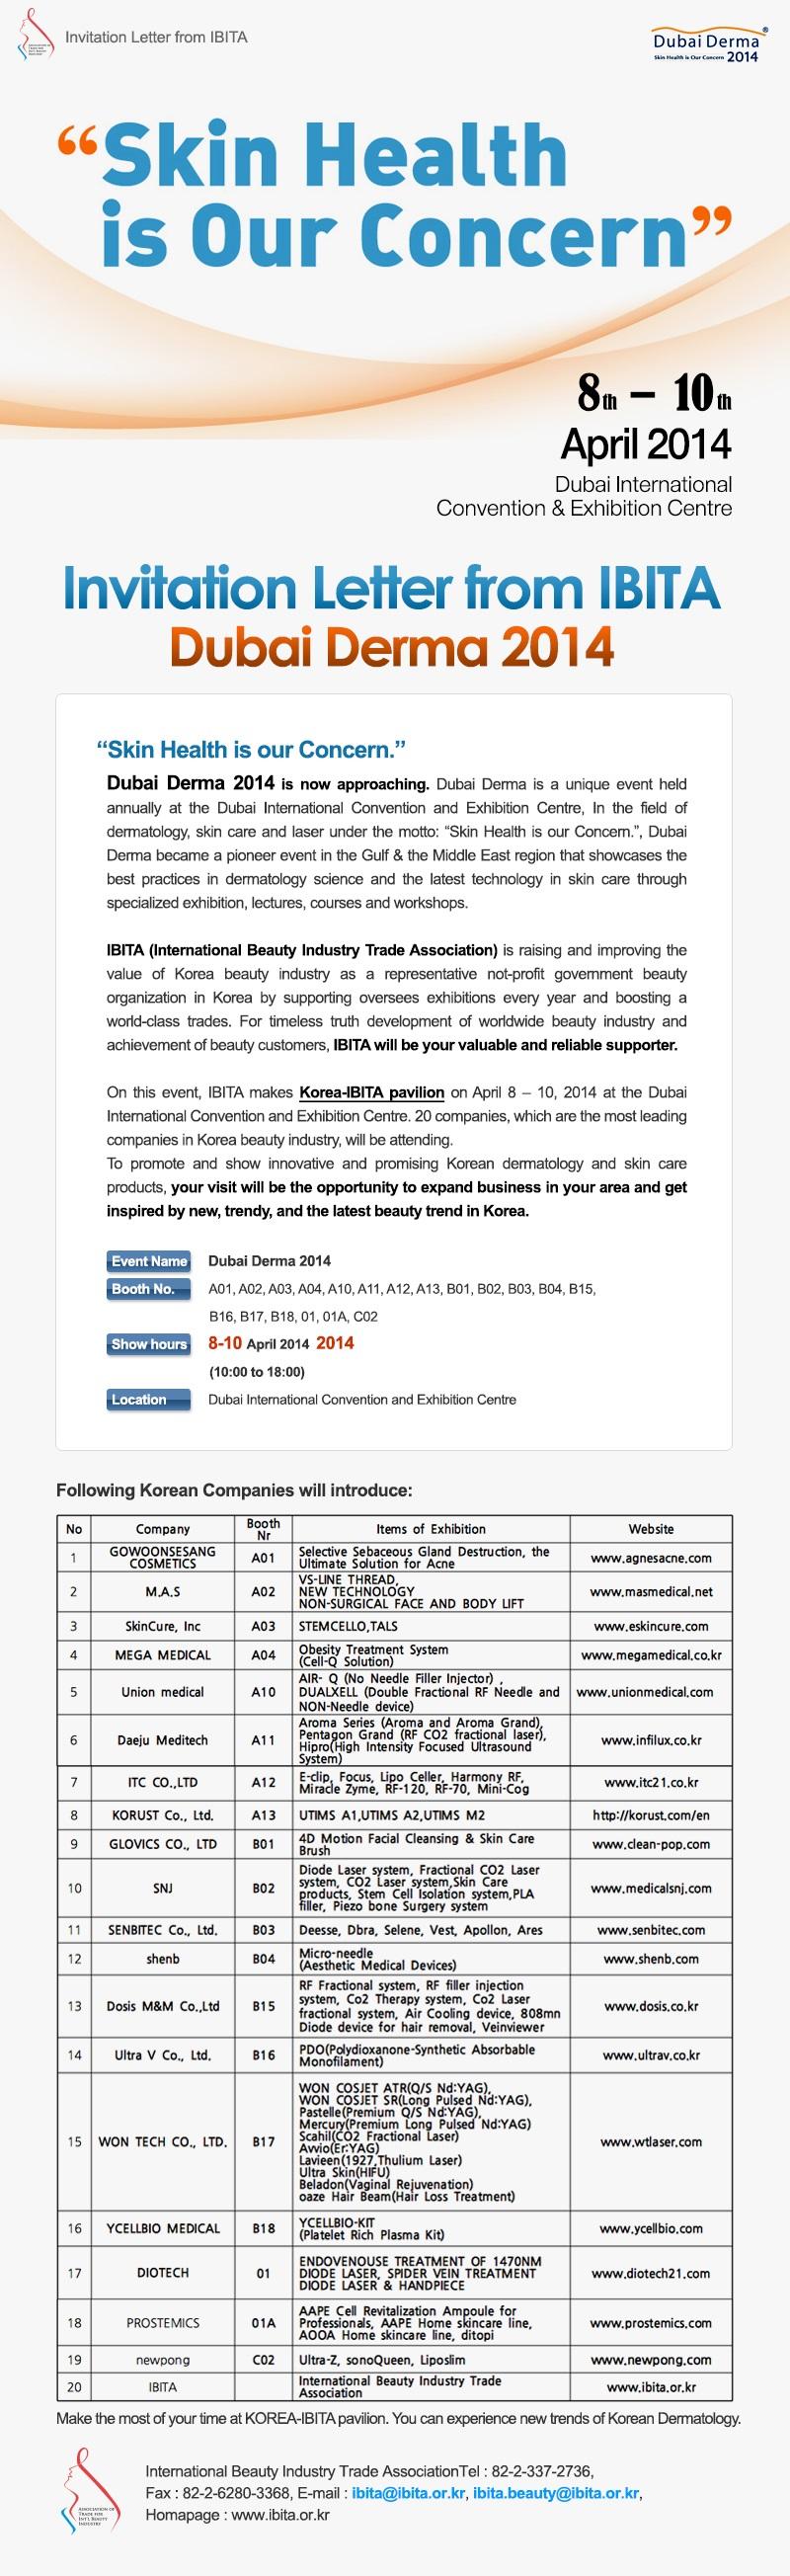 Invitation Letter from IBITA_Dubai Derma 2014